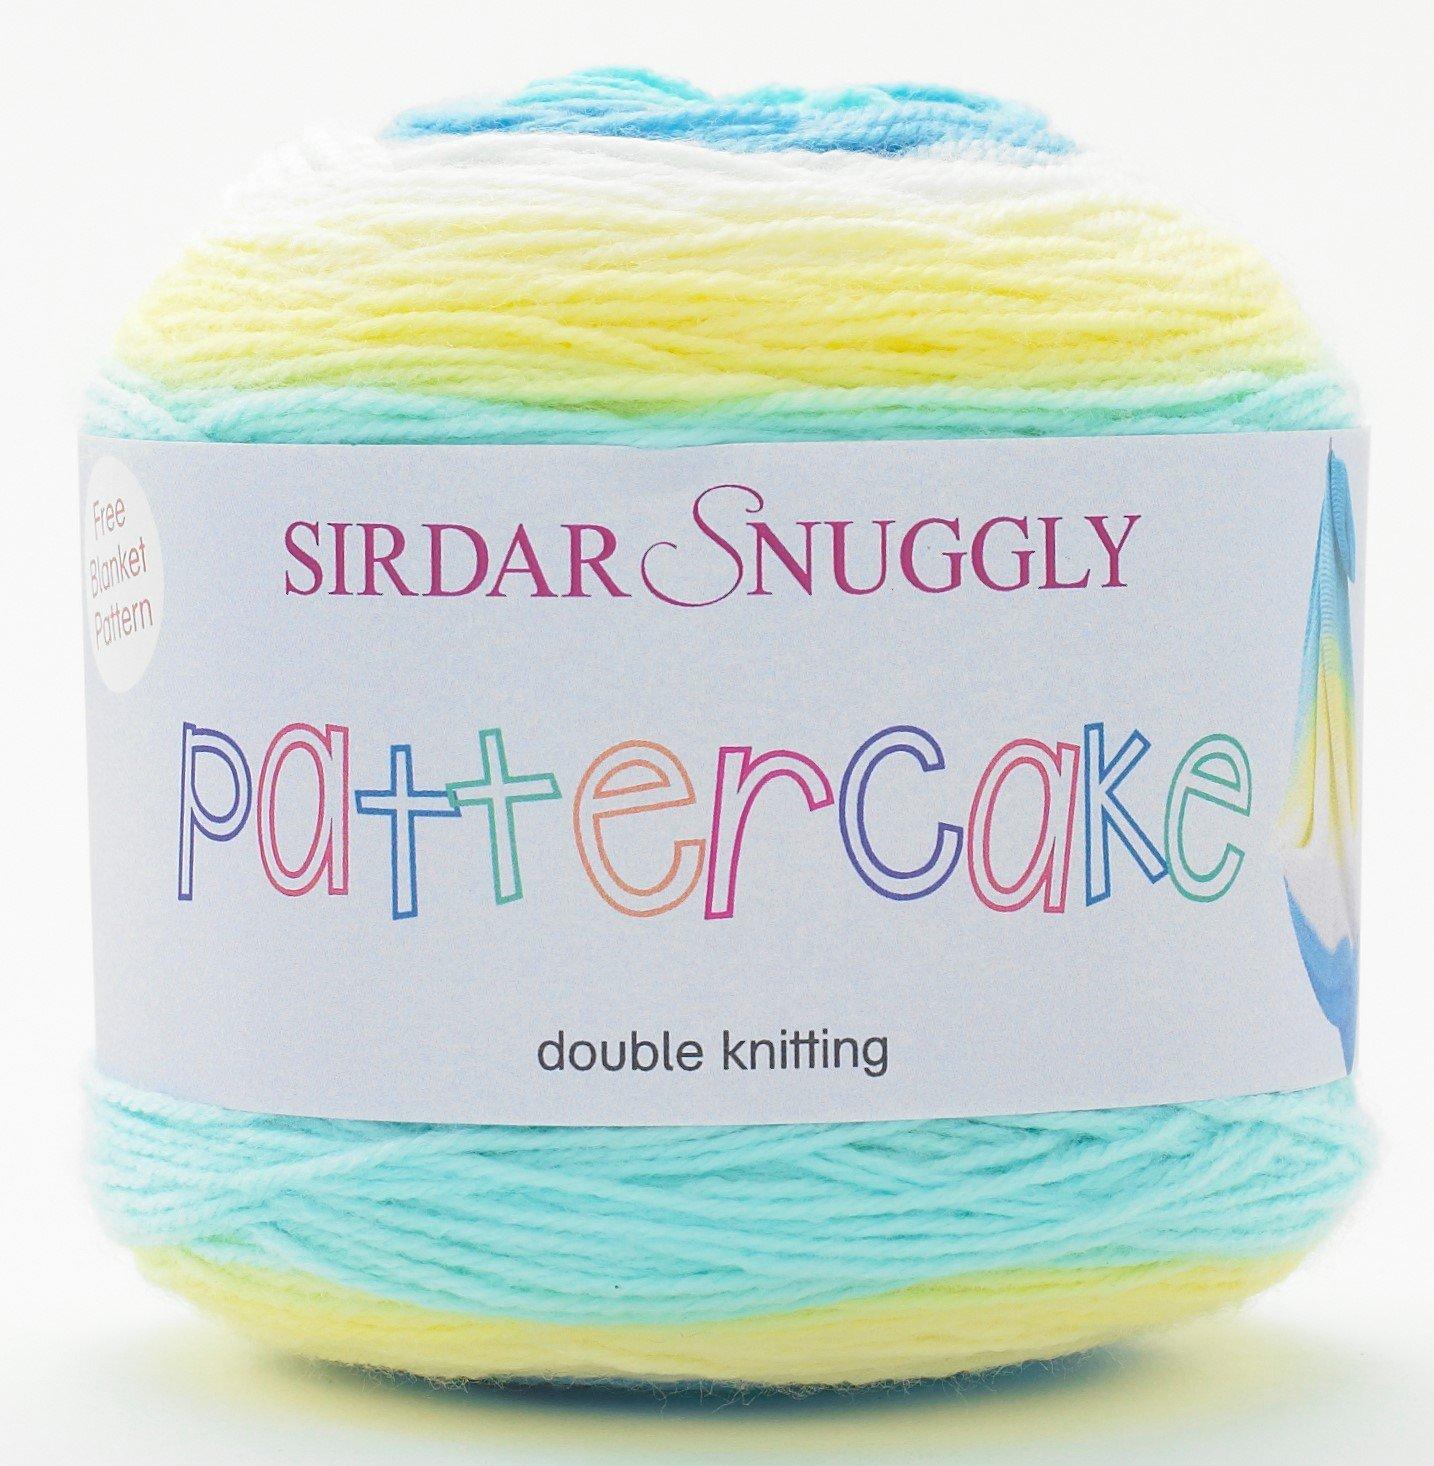 Yarn 150g Sirdar Snuggly Pattercake Seaside surprise 753 DK wool